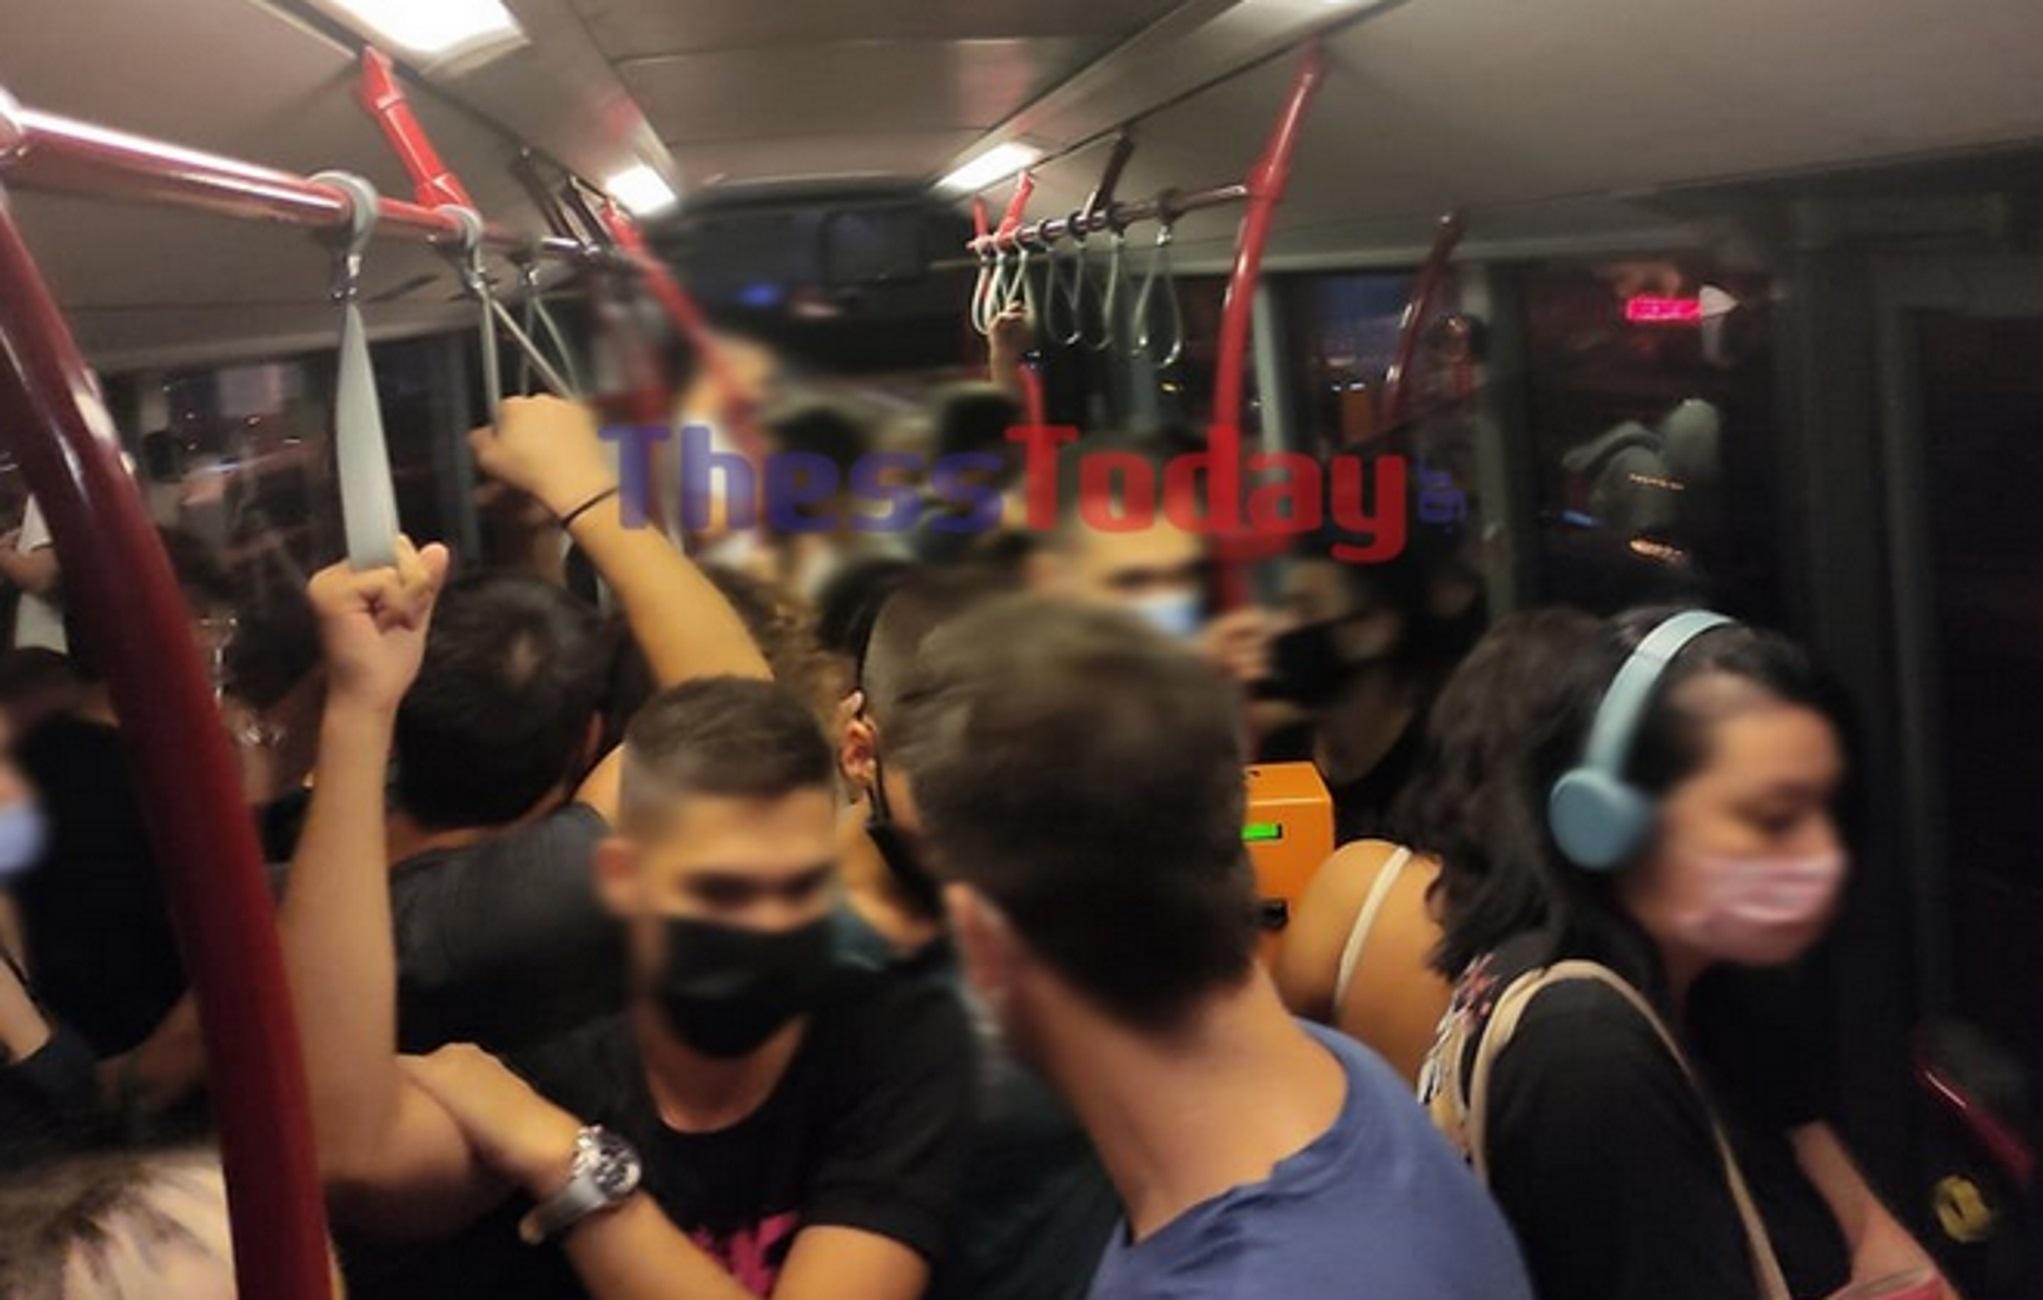 Θεσσαλονίκη: Στριμωγμένοι σαν σαρδέλες σε λεωφορείο με κλειστά παράθυρα – Δείτε τις εικόνες